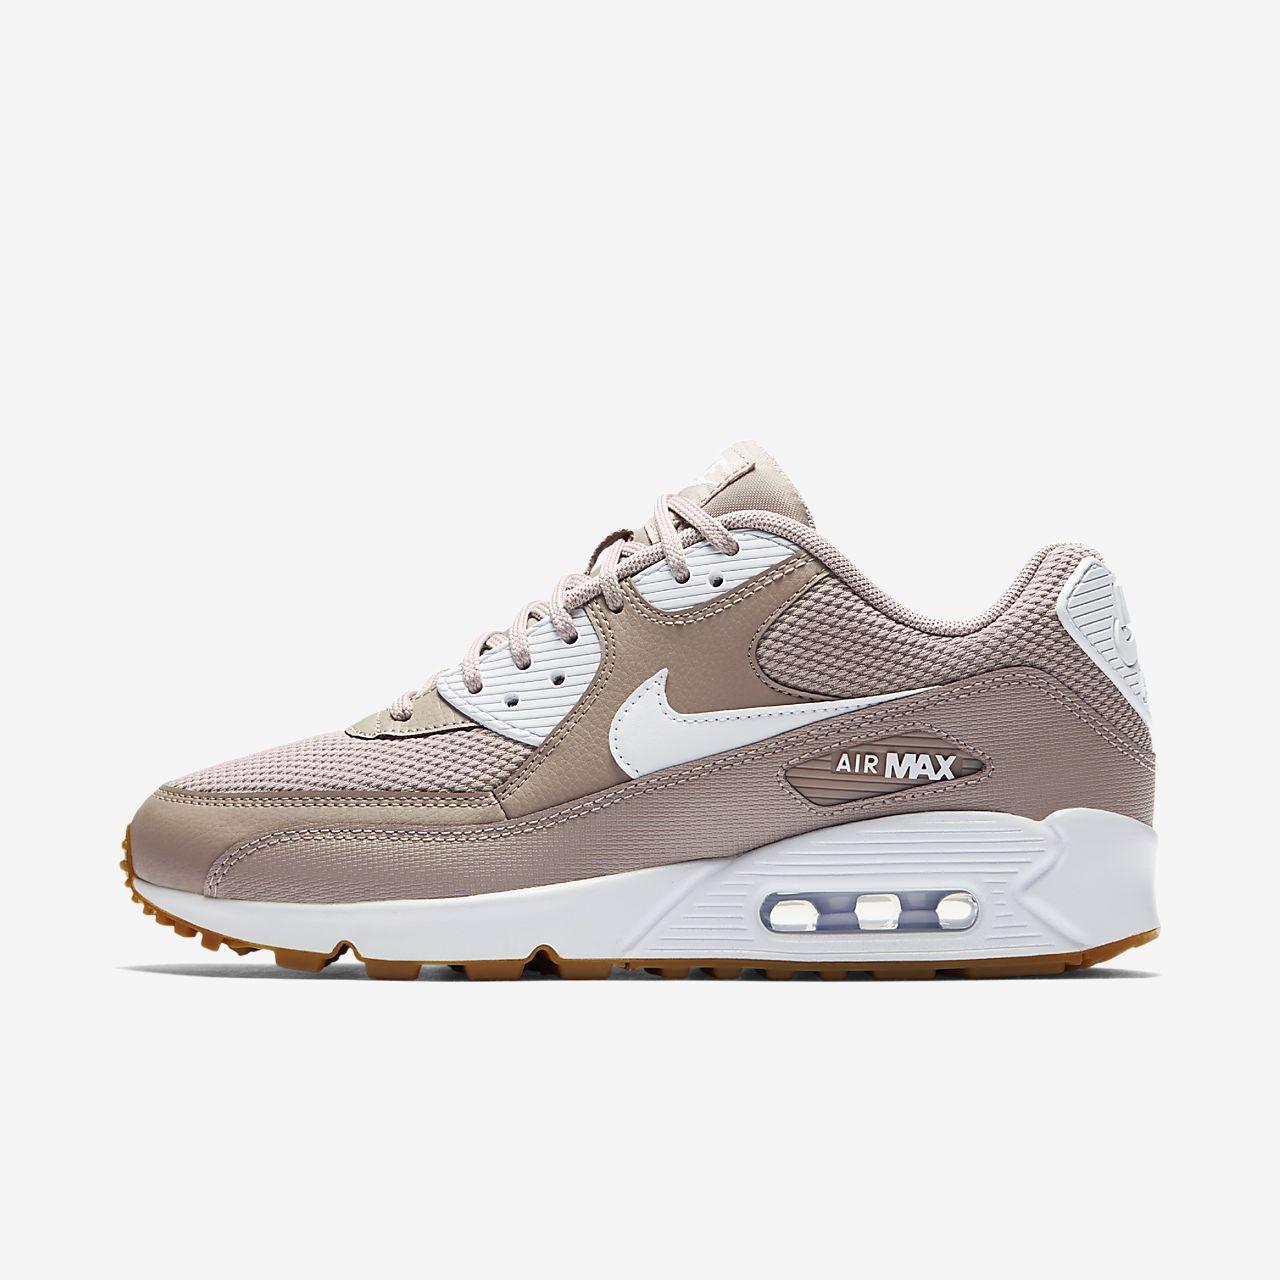 san francisco 802f8 a42ff ... cheapest calzado para mujer nike air max 90 b3603 2b33d ...